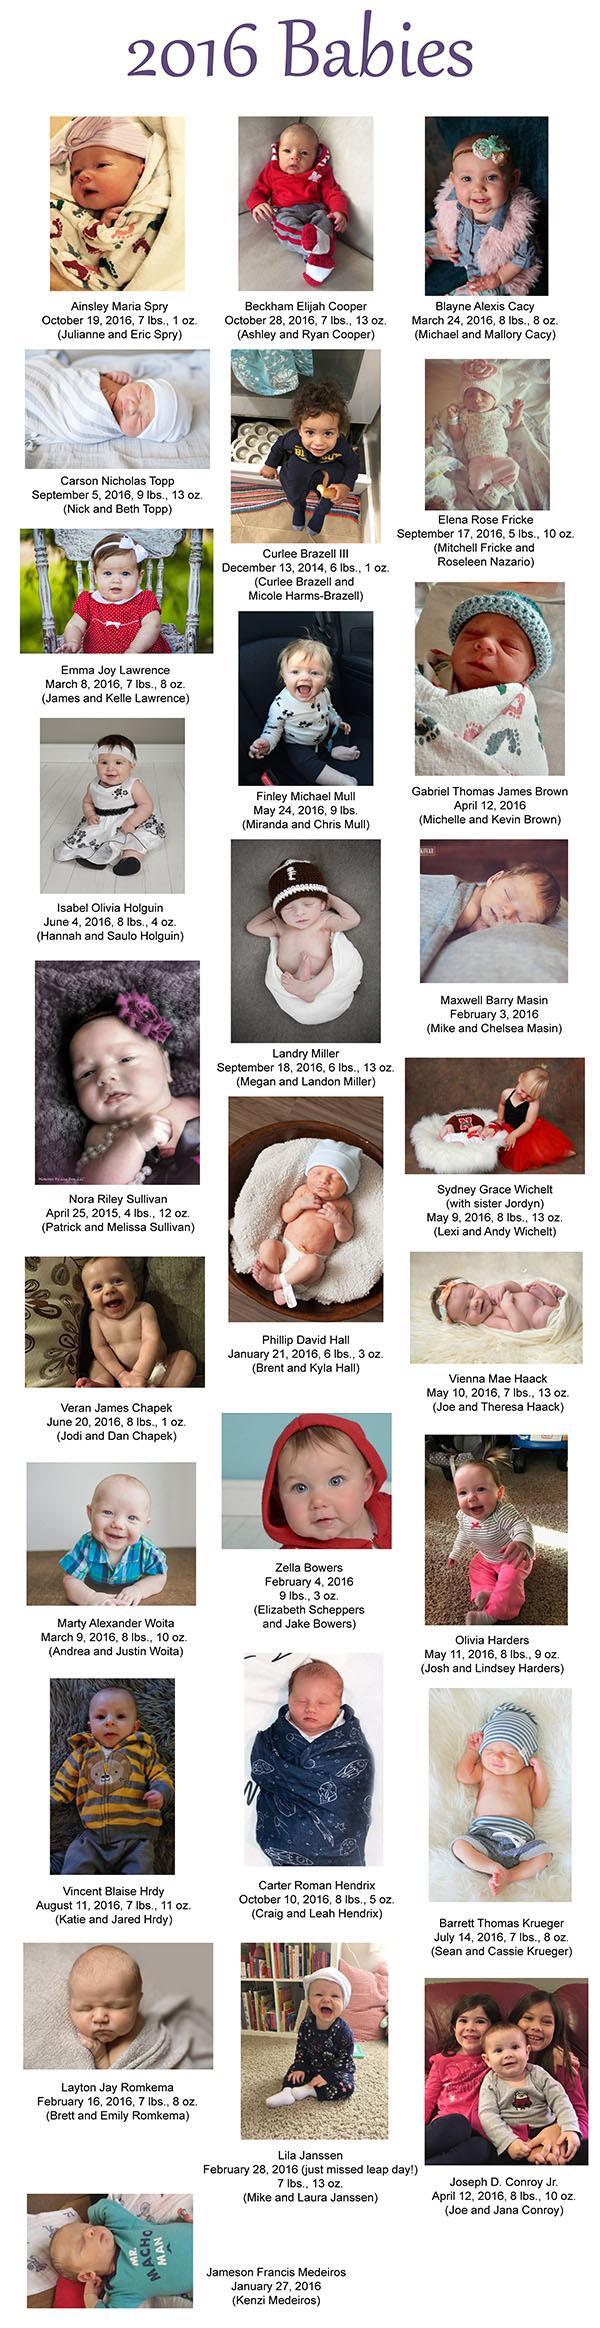 Babies born to NebraskaMATH teachers in 2016